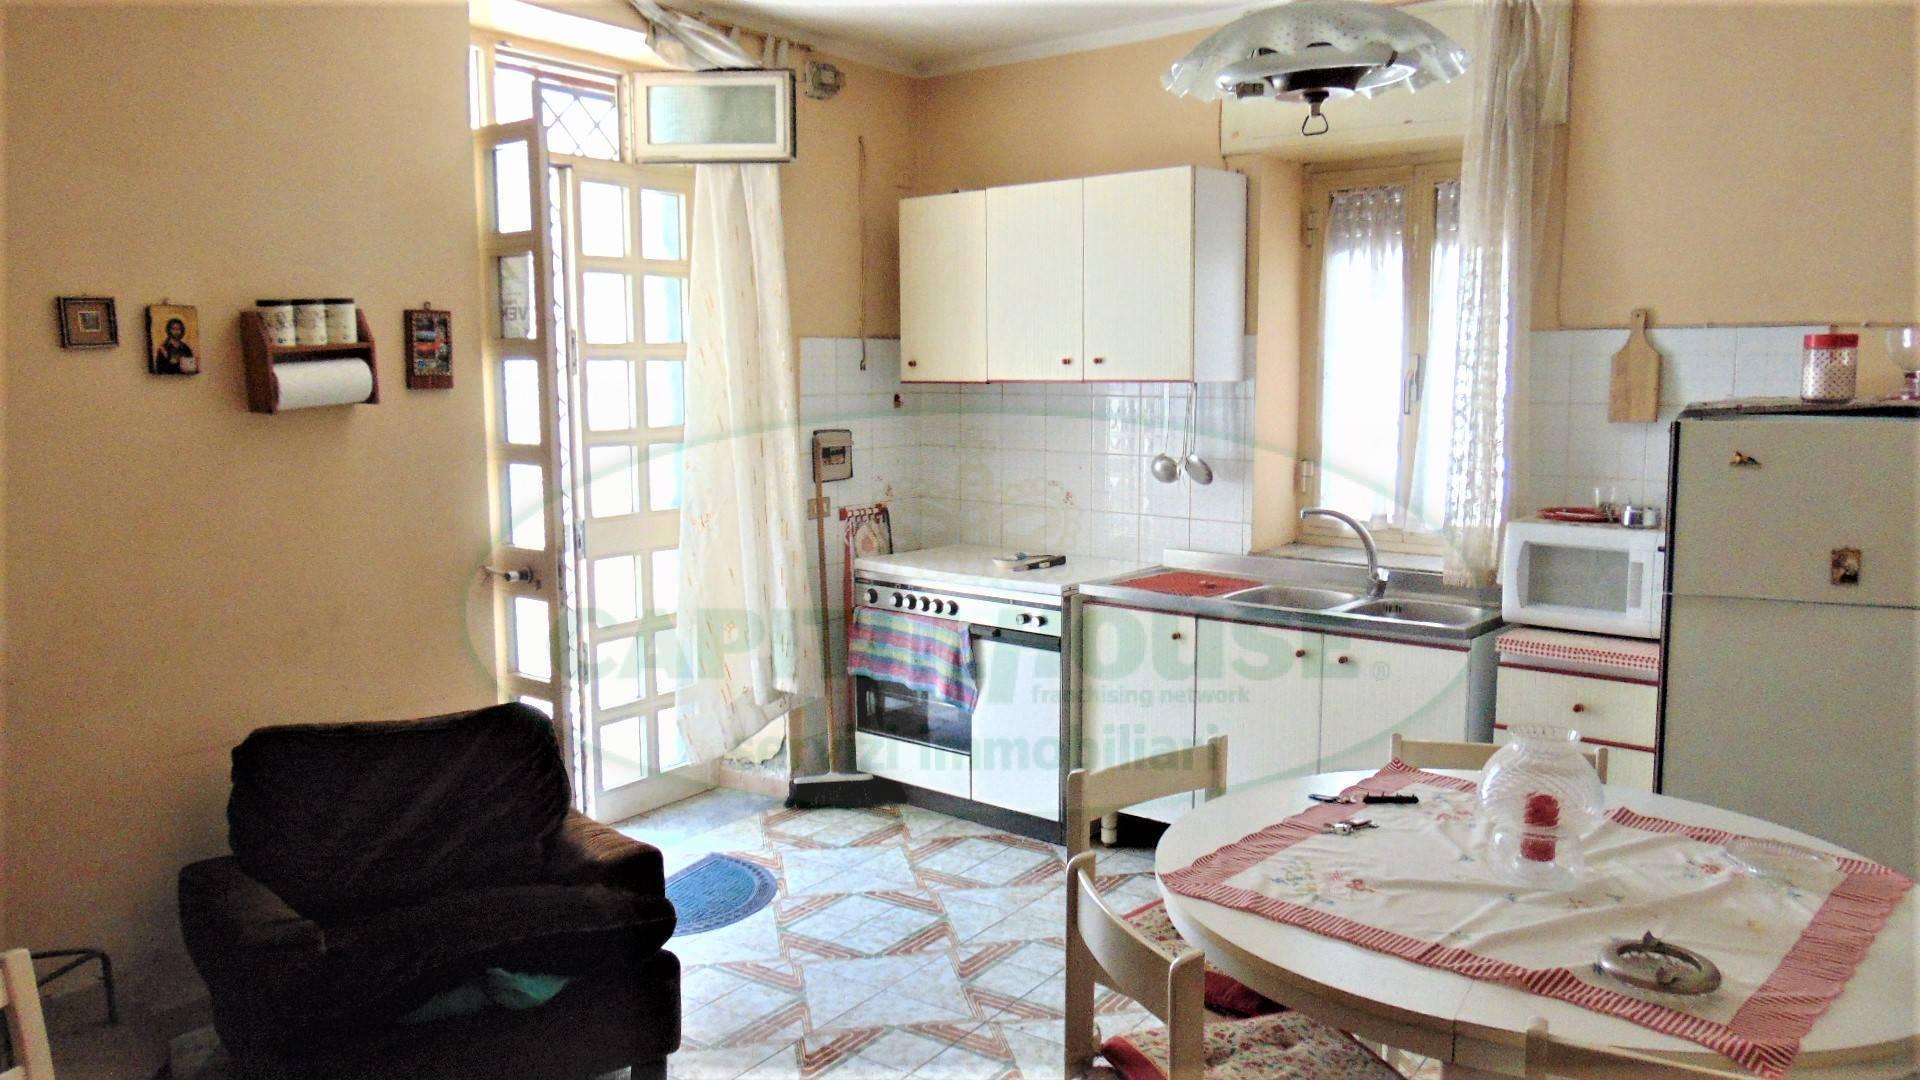 Soluzione Semindipendente in vendita a Sirignano, 5 locali, prezzo € 69.000 | CambioCasa.it